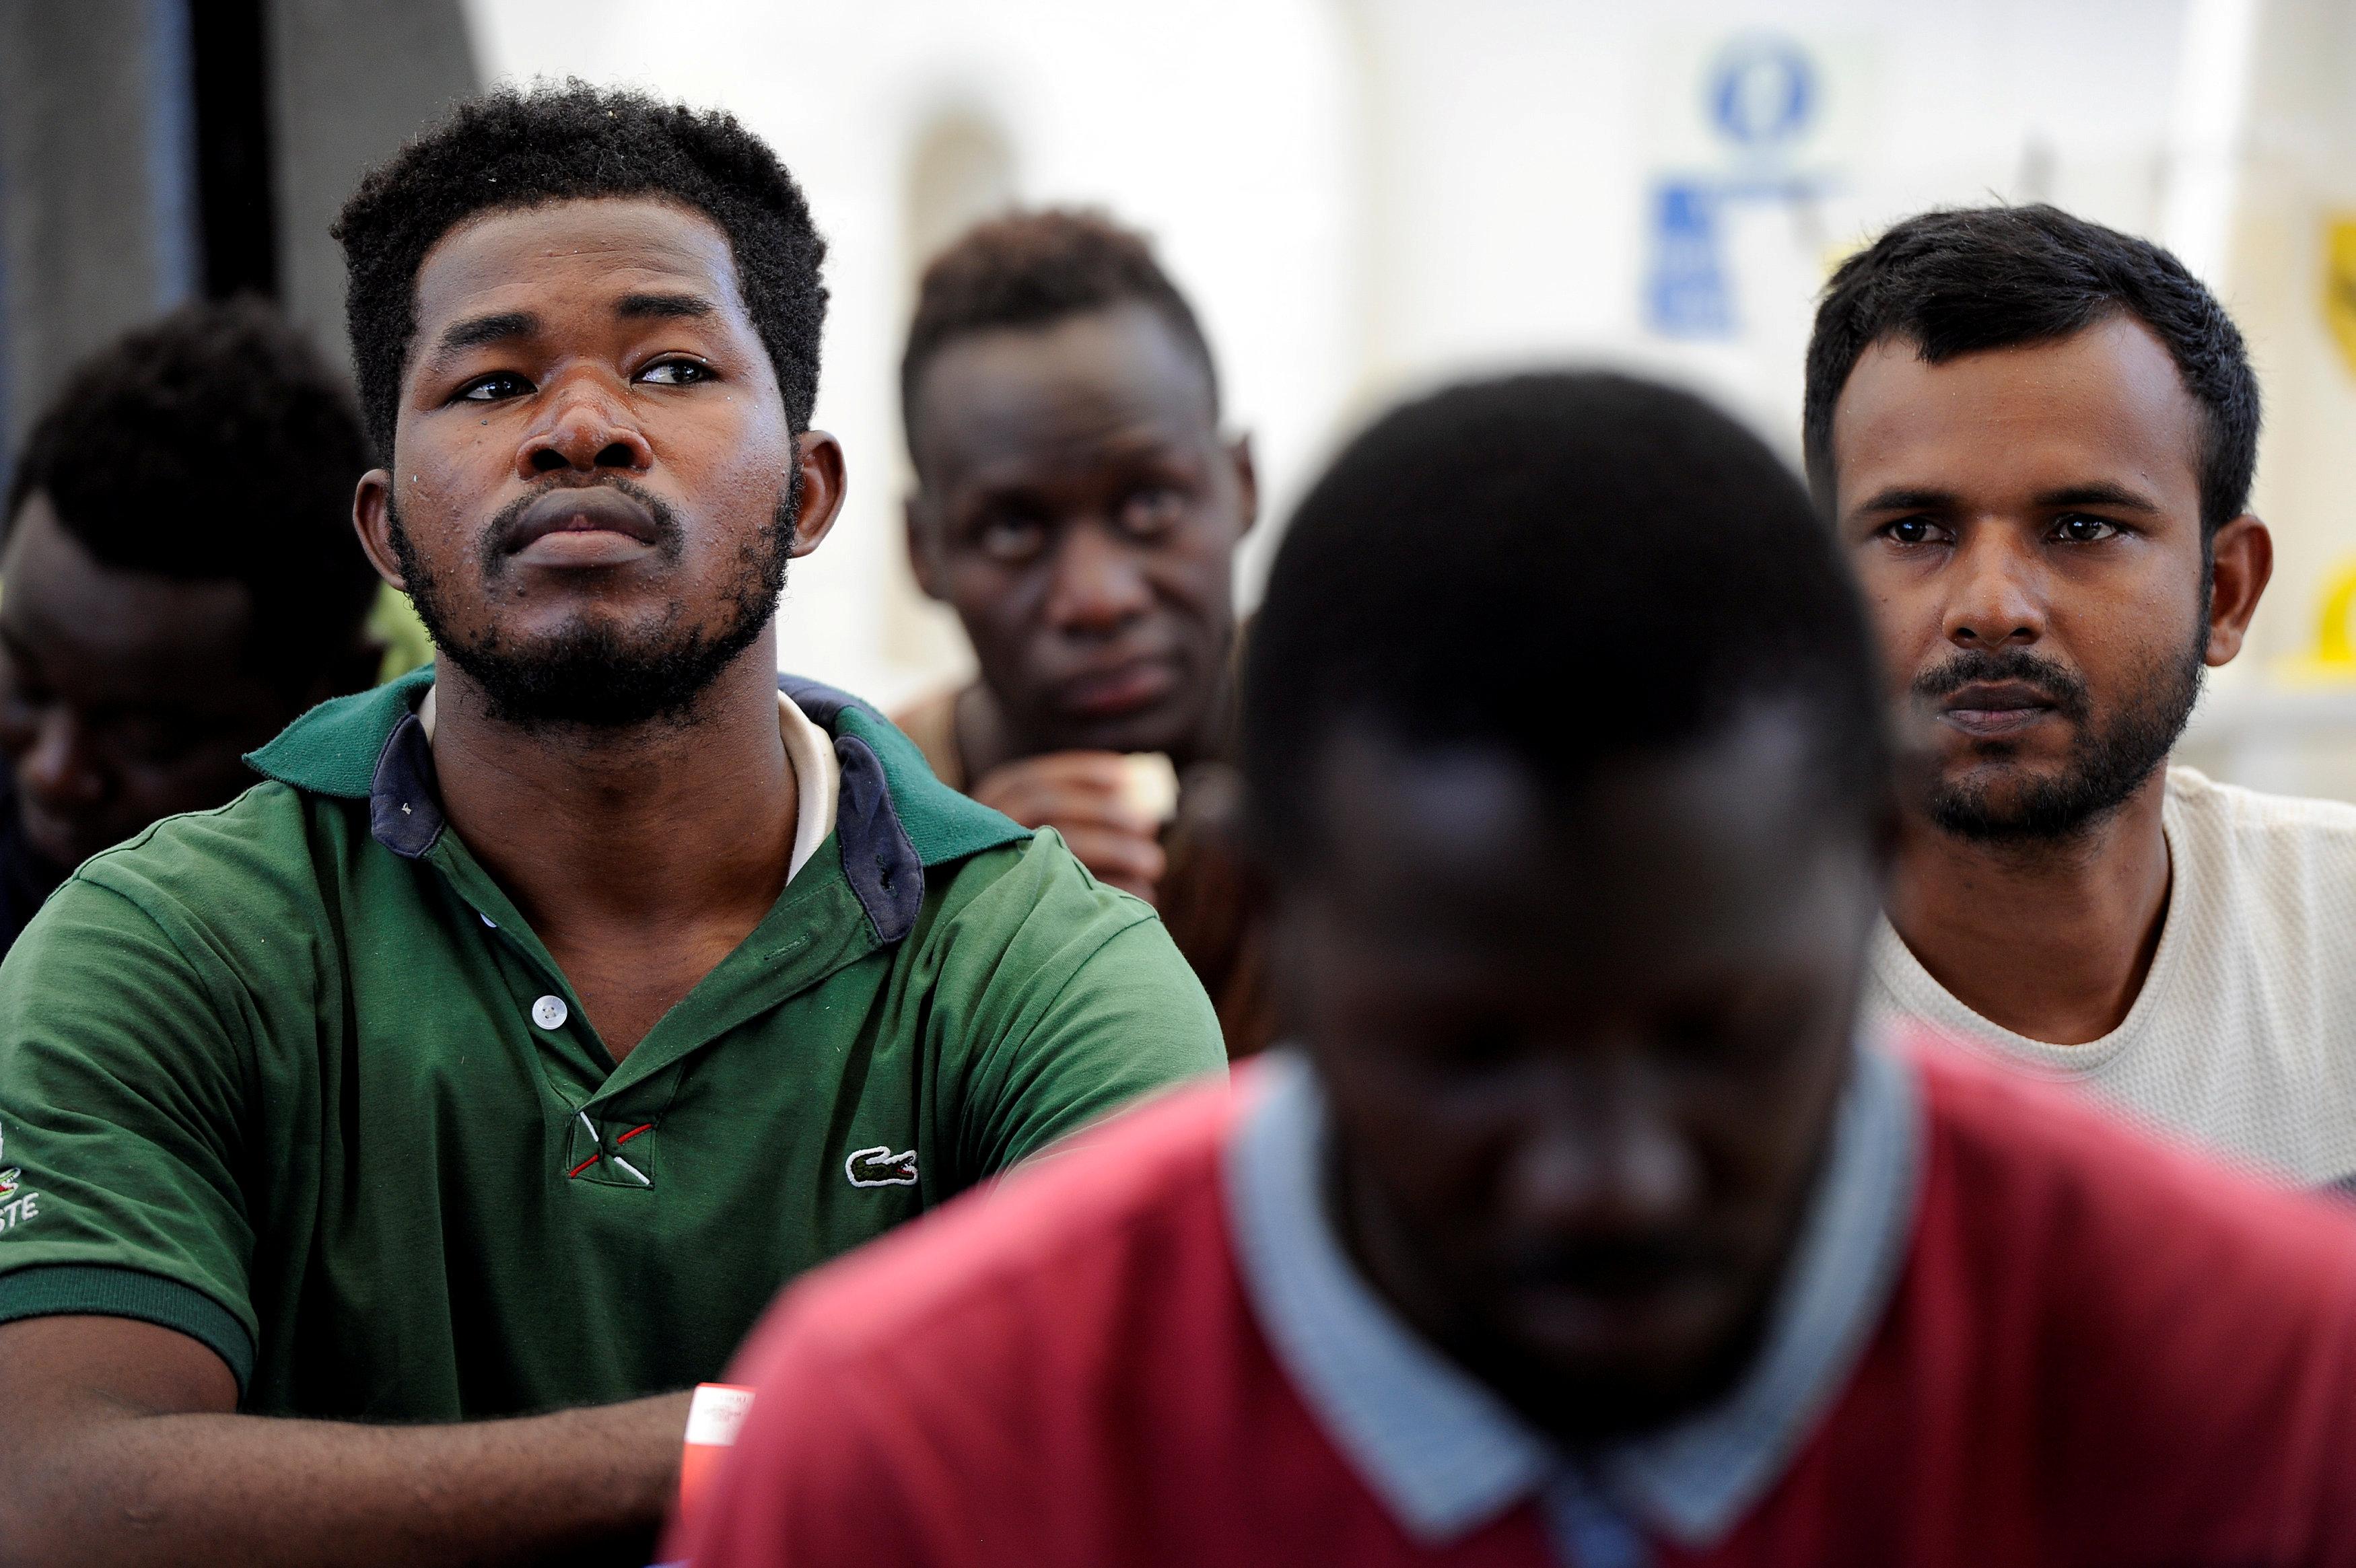 المهاجرين أثناء الاستماع لخطاب الترحيب